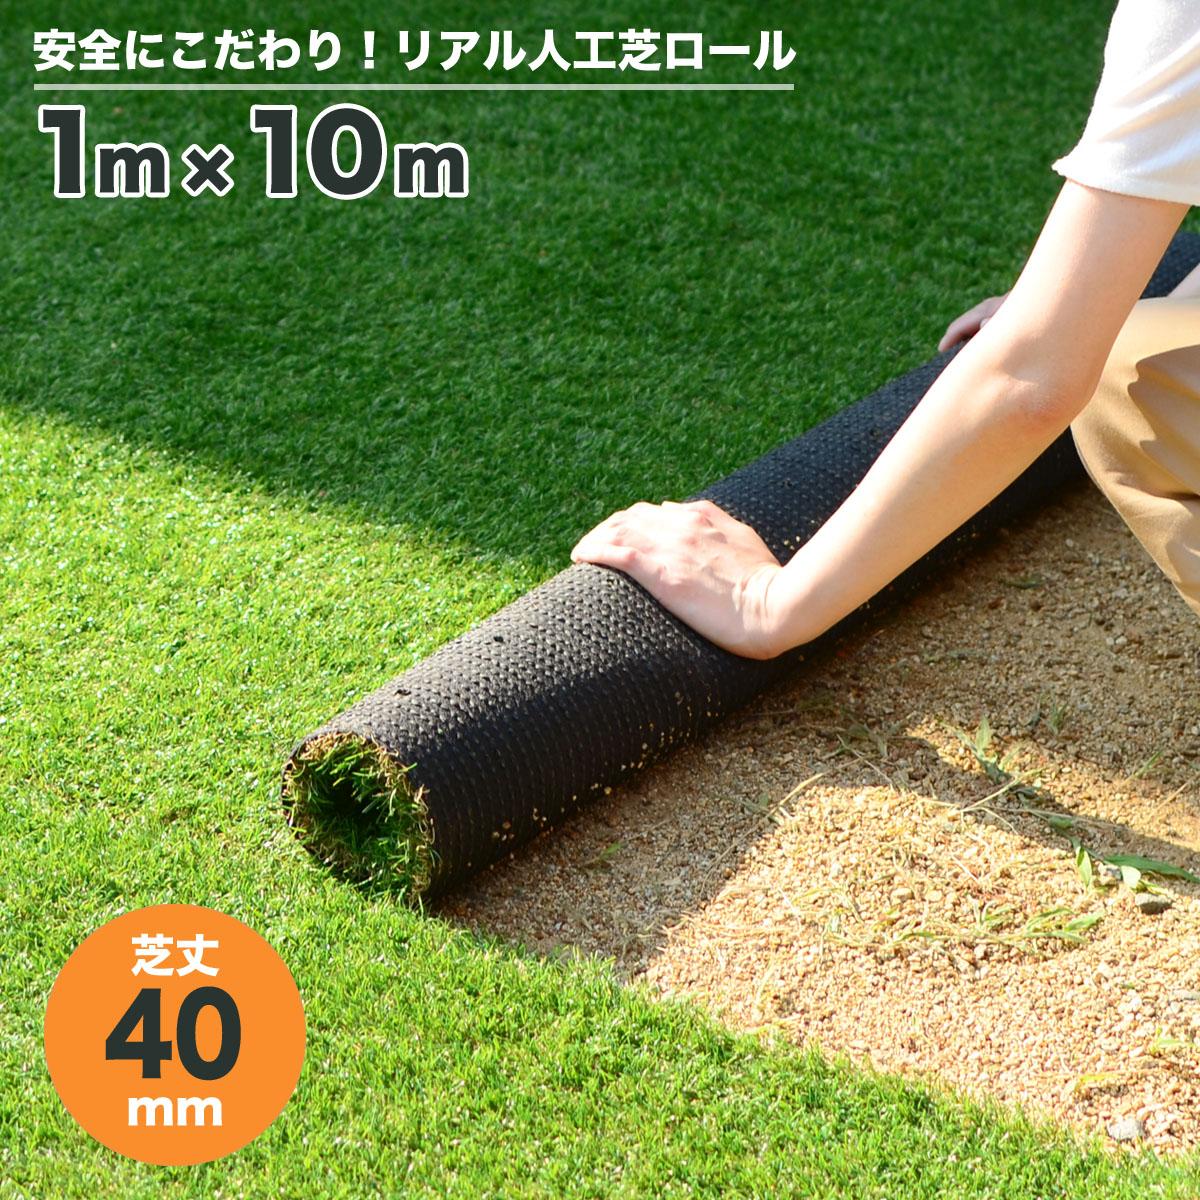 人工芝 芝生 色までリアルなロール人工芝 芝丈40mm (幅1m × 長さ10m) 安全検査実施済 水はけ穴有り fme-4010